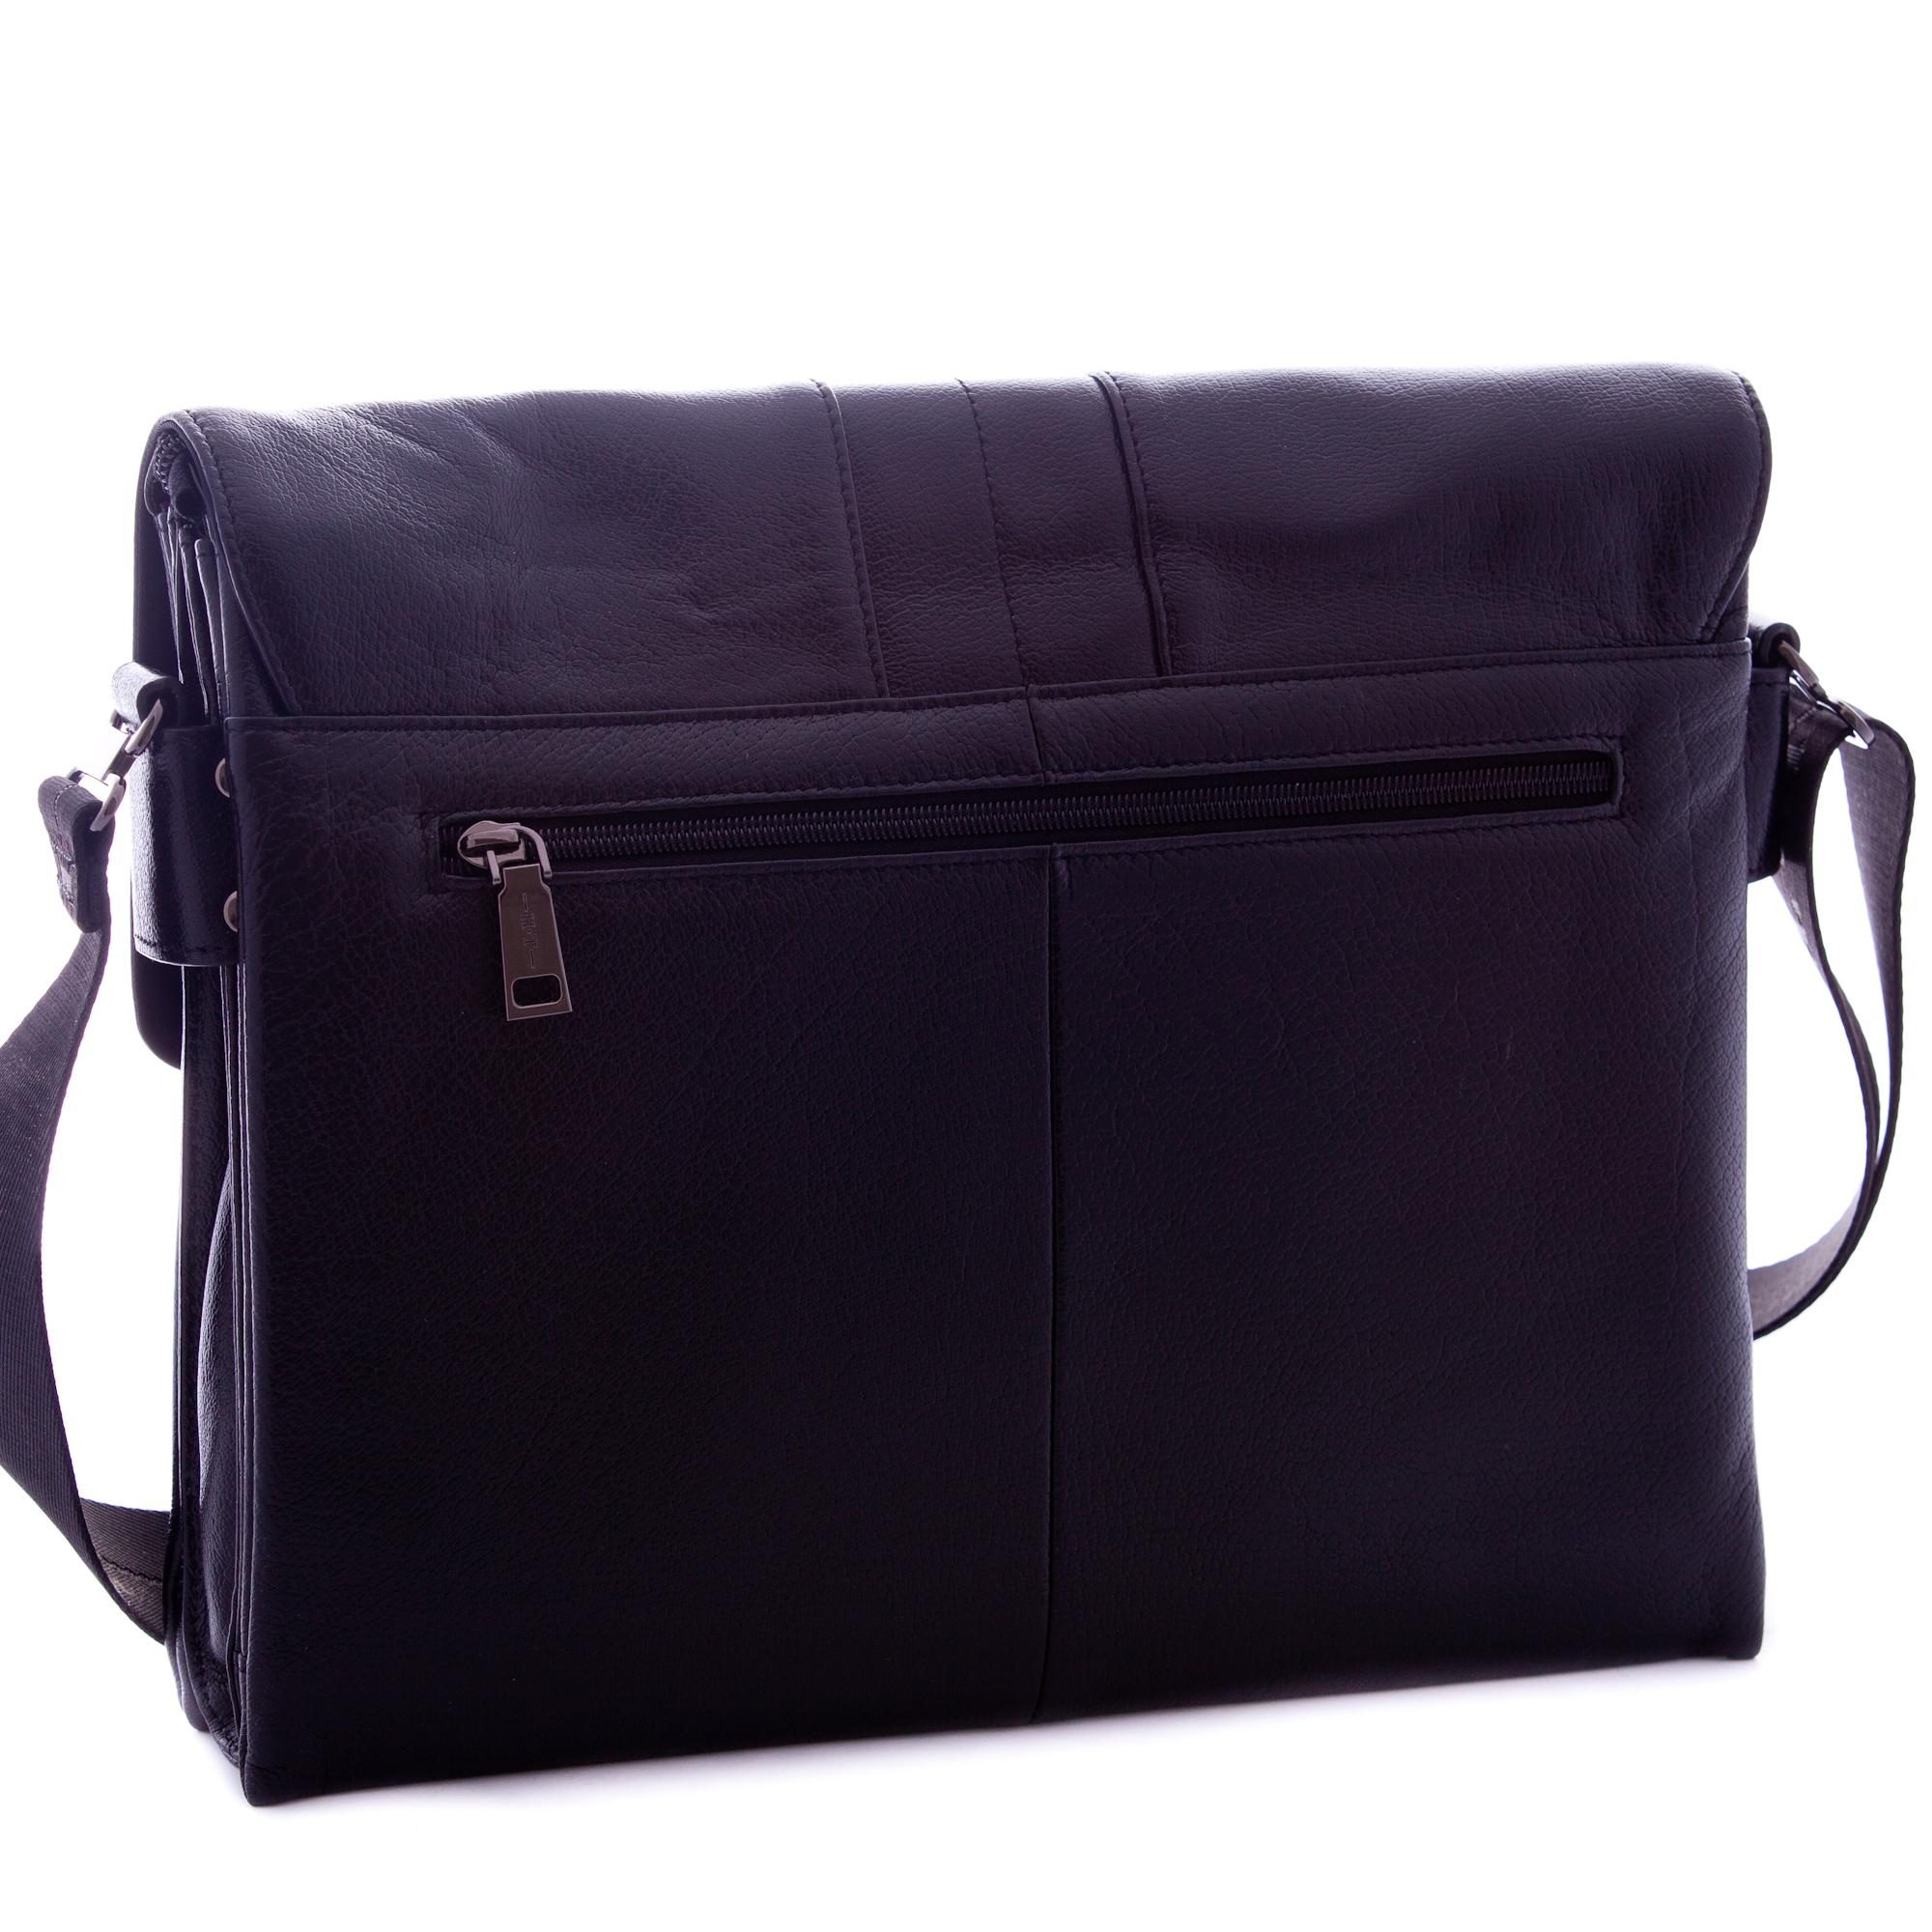 Купить мужскую сумку почтальон через плечо из кожи HT 0368 в интернет магазине Stylishbag.ru